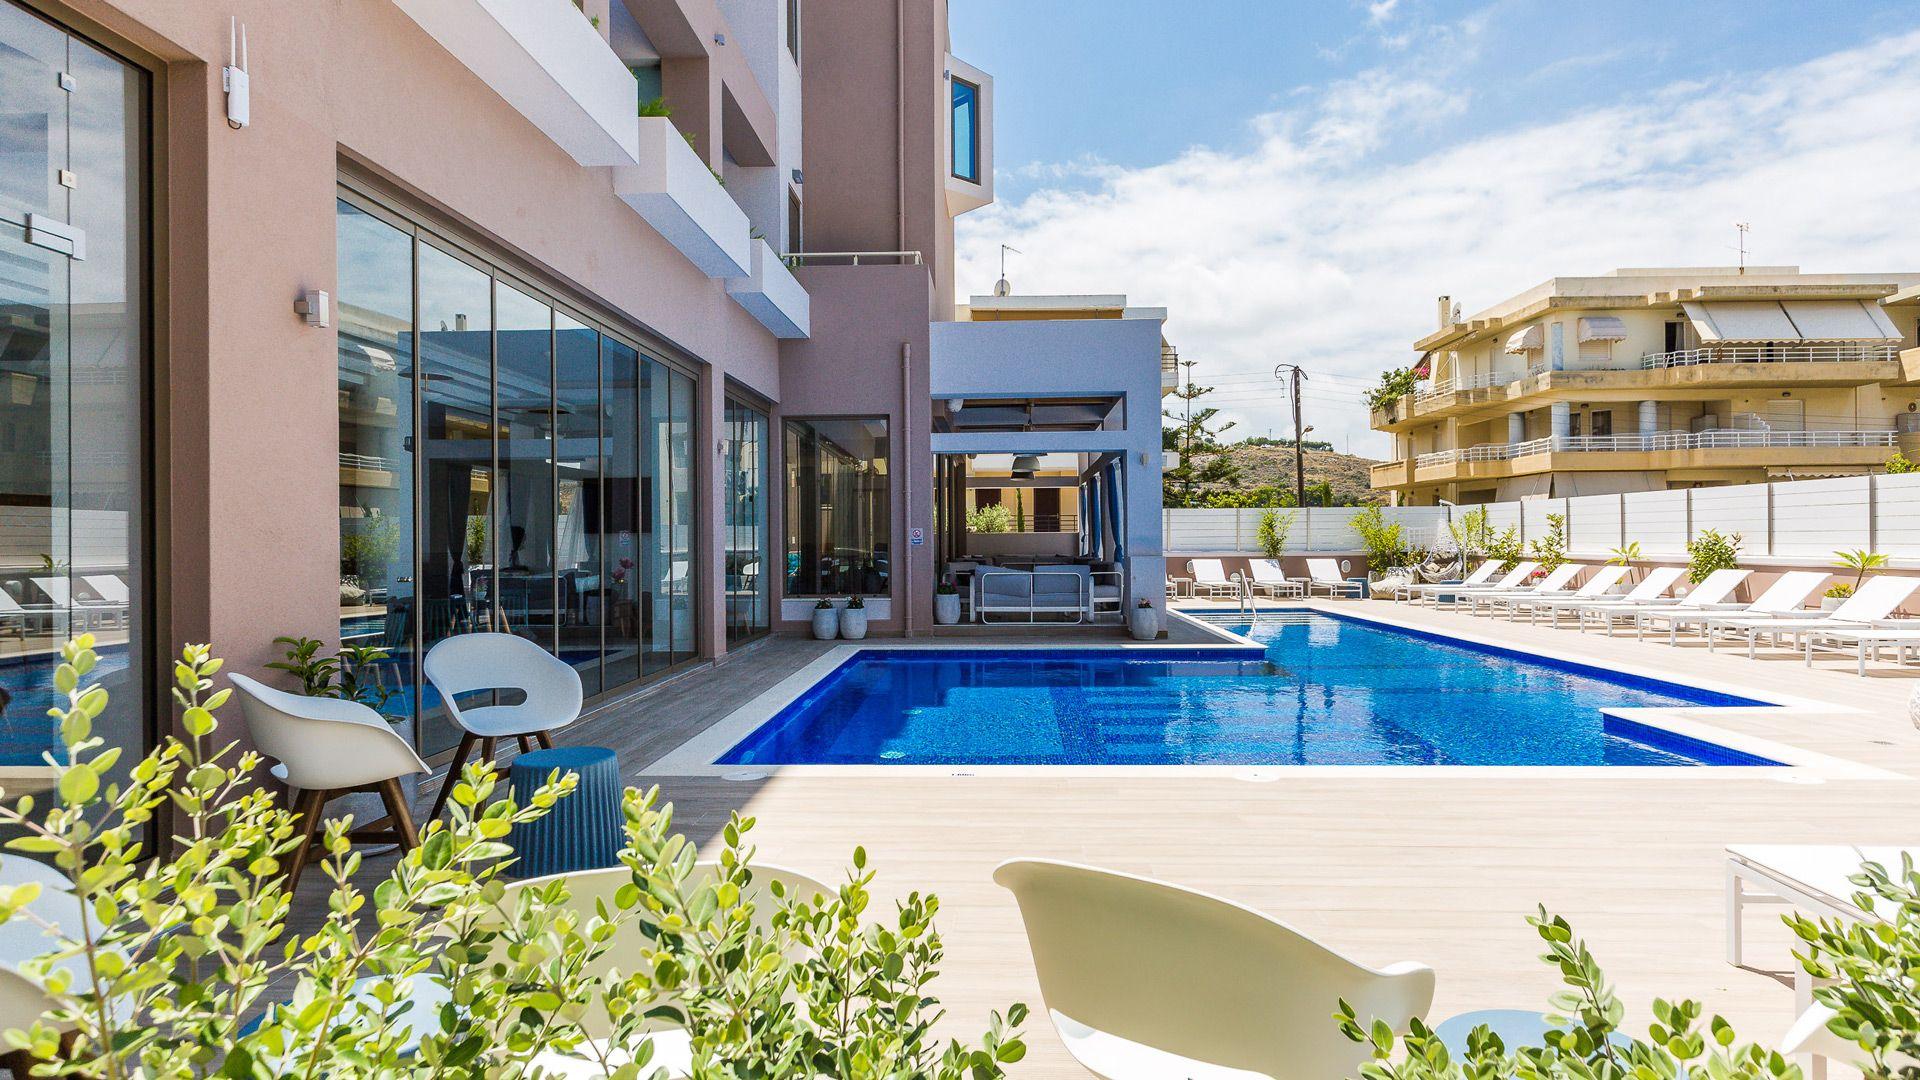 Menta City Boutique Hotel Crete - Ρέθυμνο, Κρήτη ✦